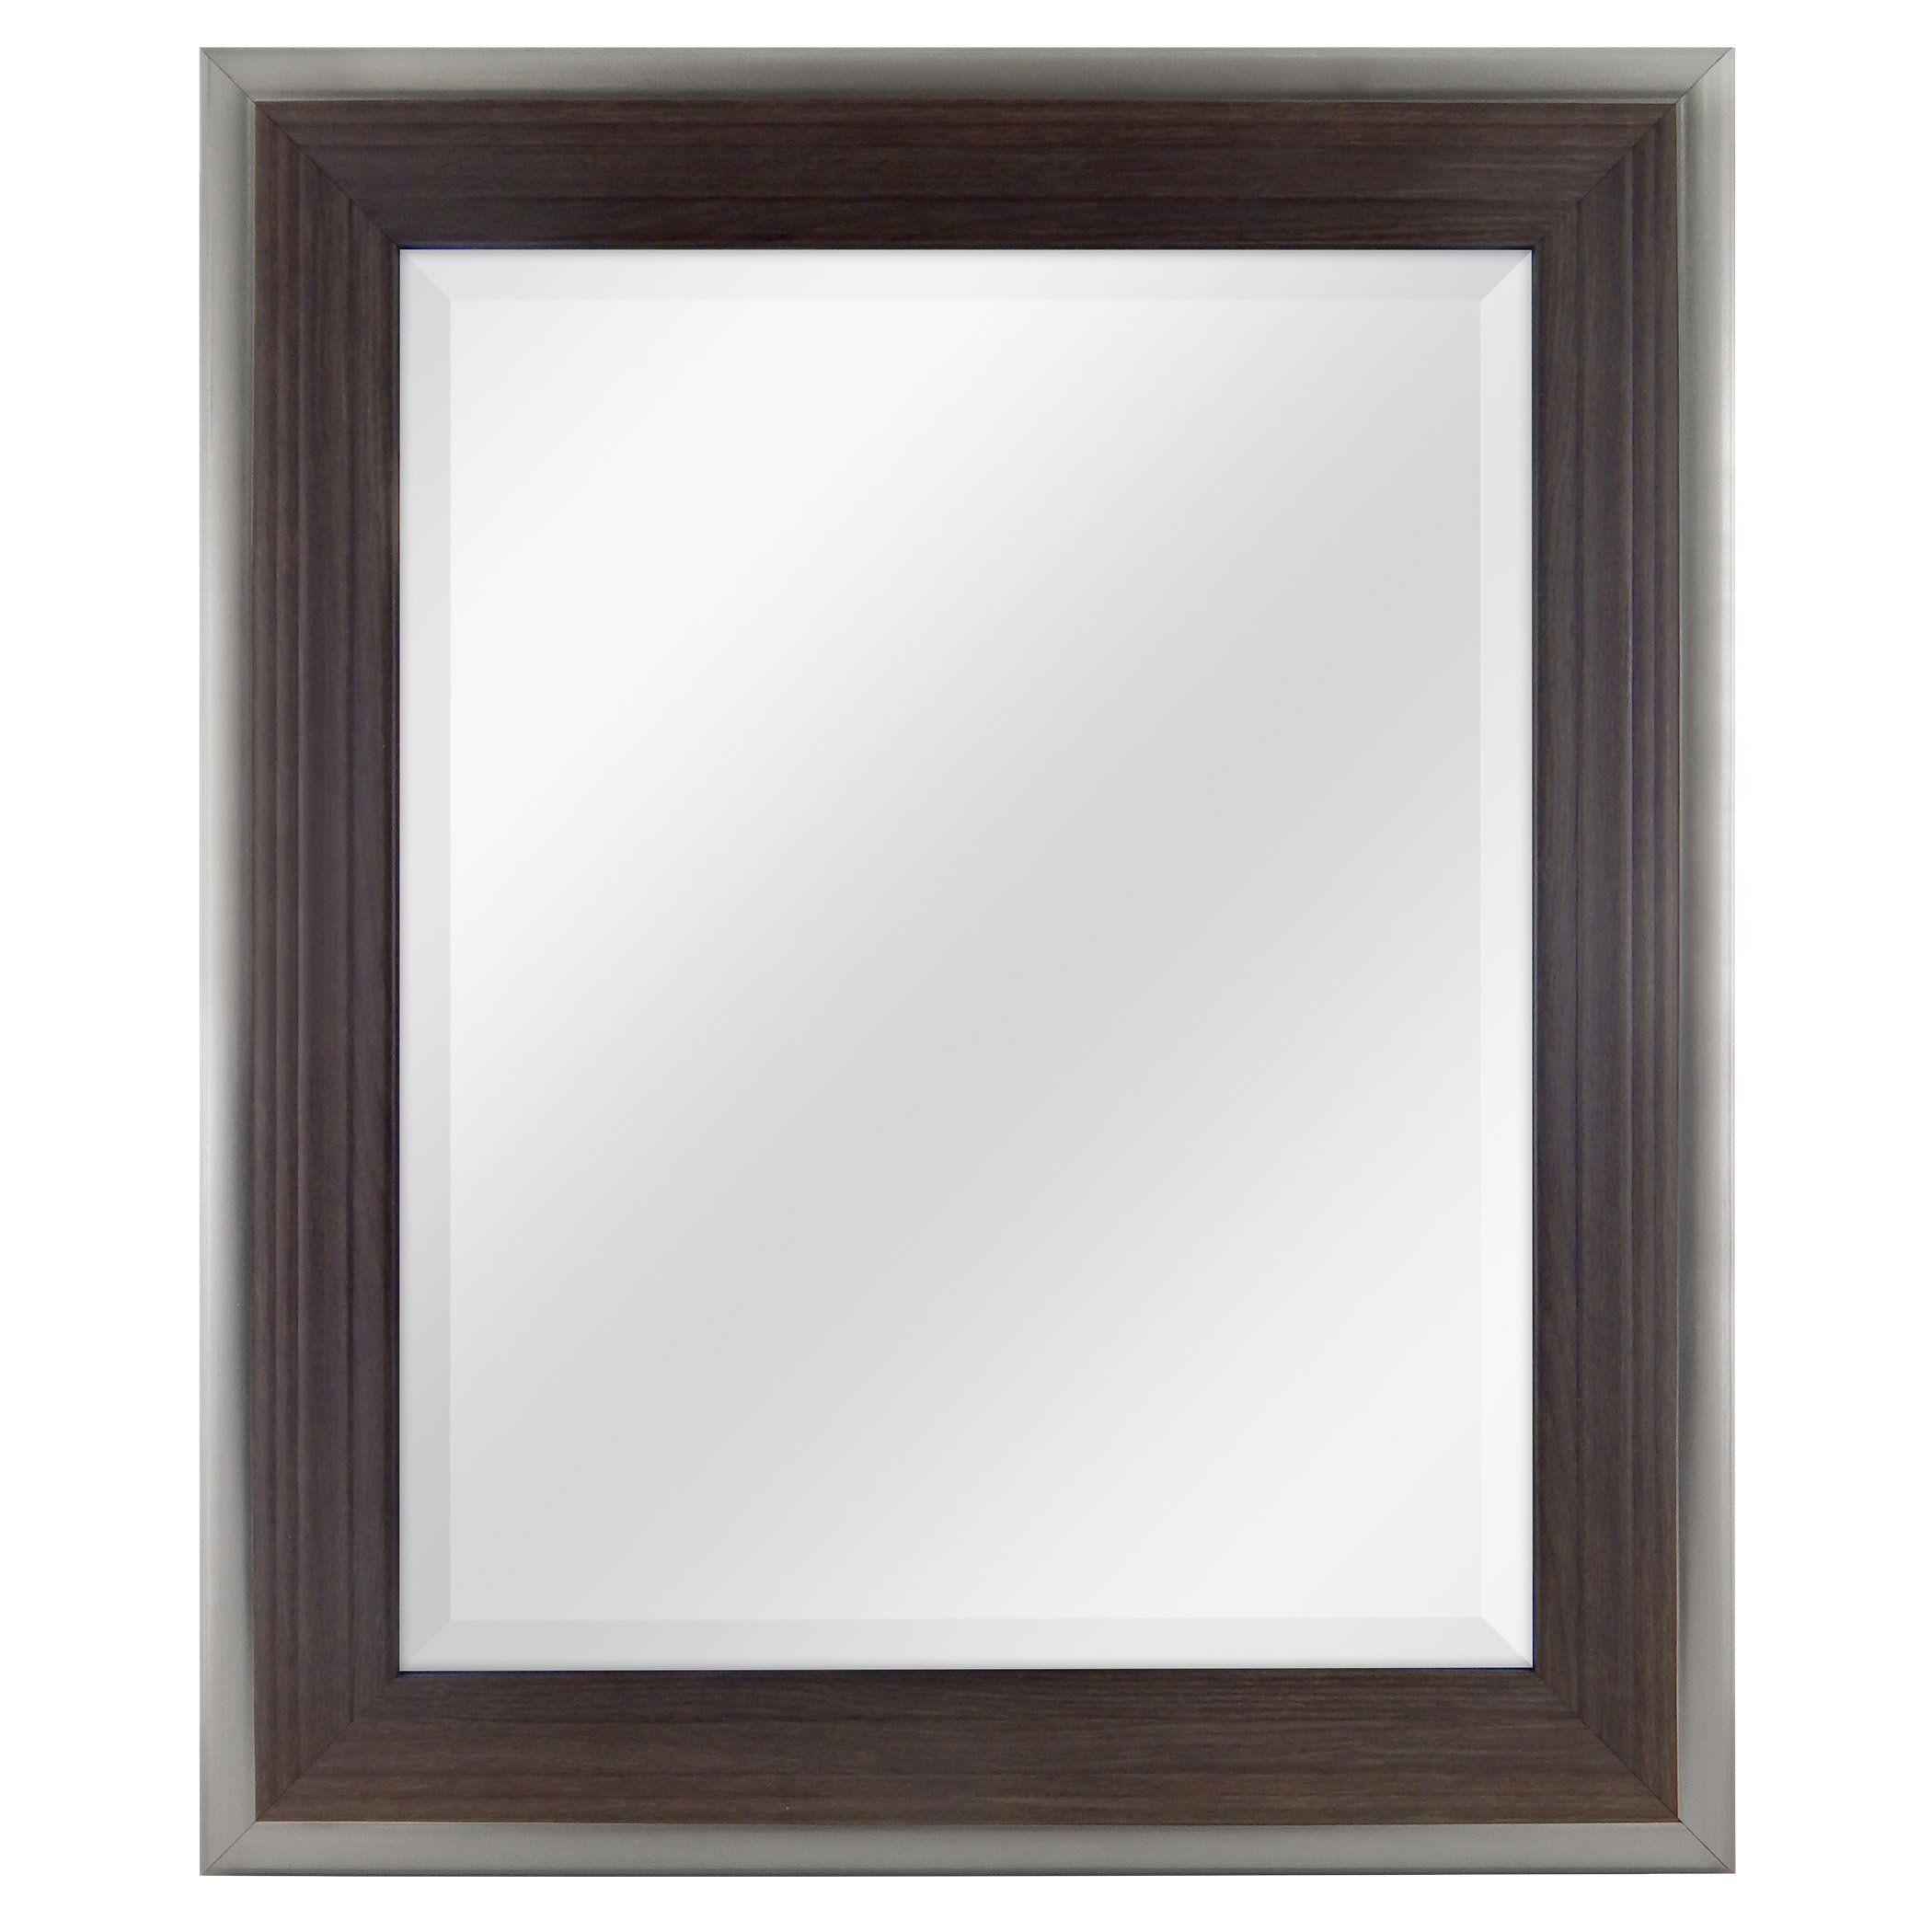 Mcs 21X25 Inch Frame With 16X20 Inch Ridged Mirror, Walnut